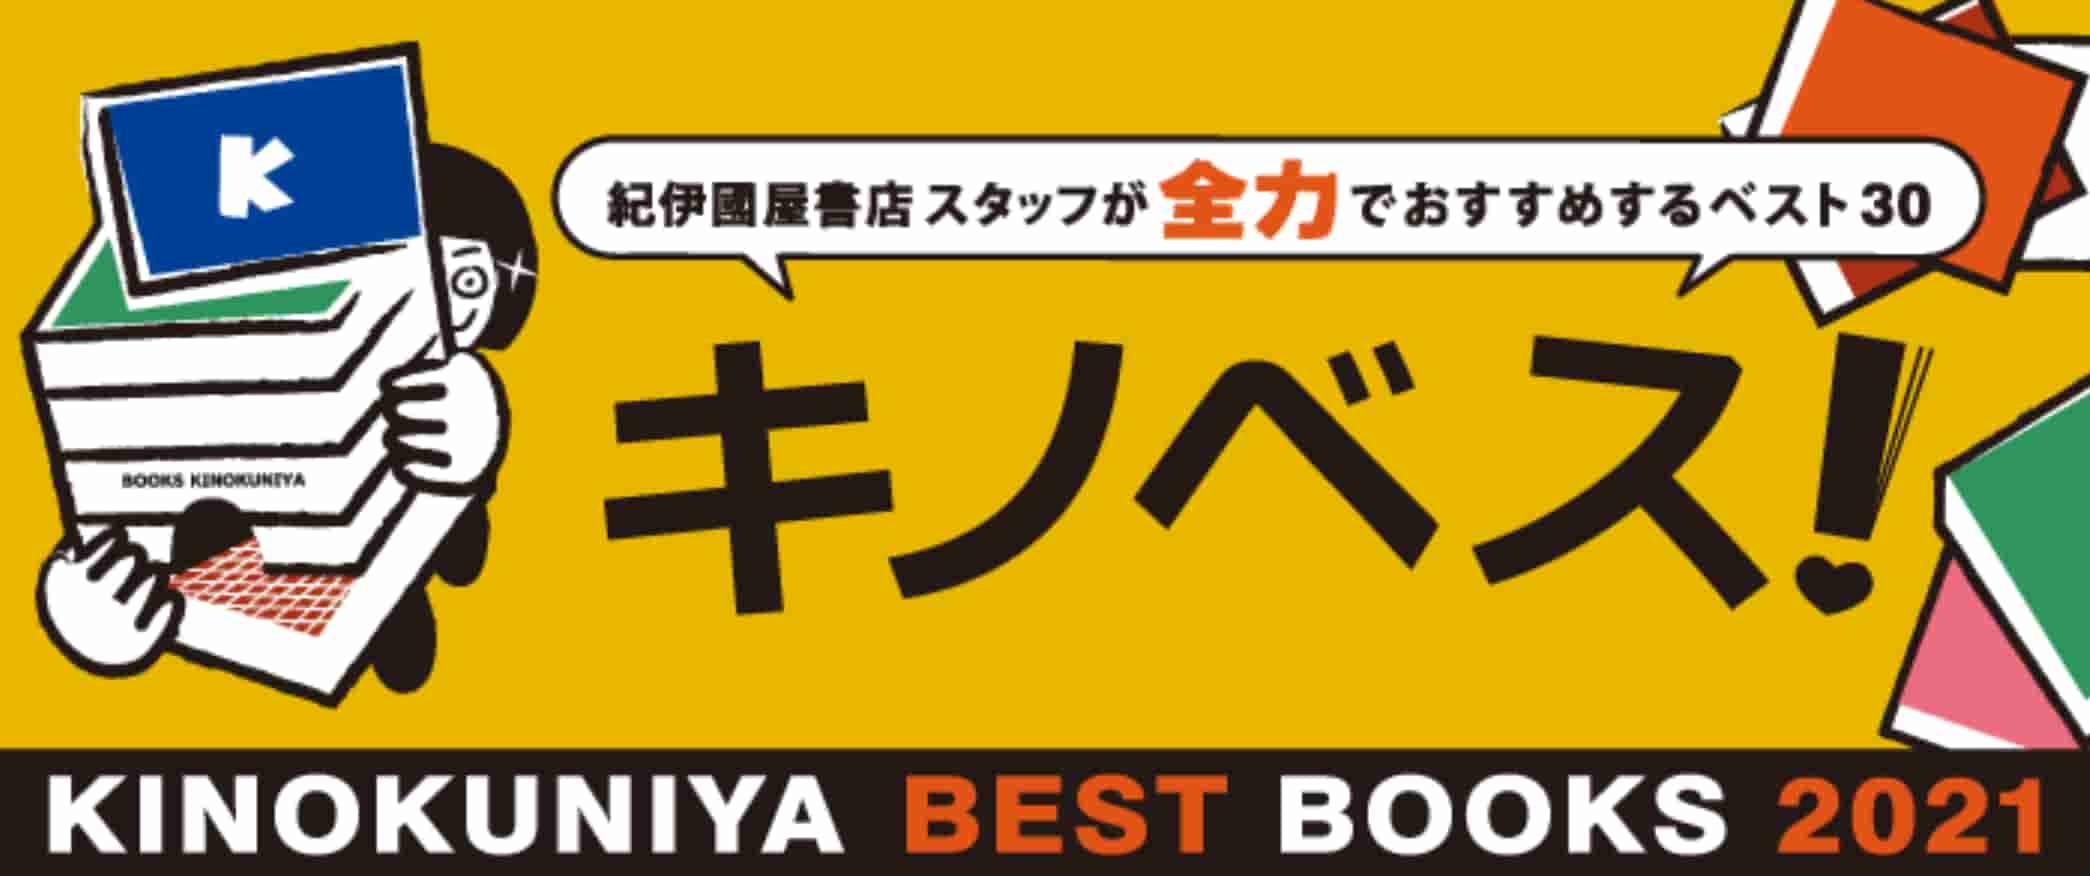 書店員のおすすめ書籍「キノベス」